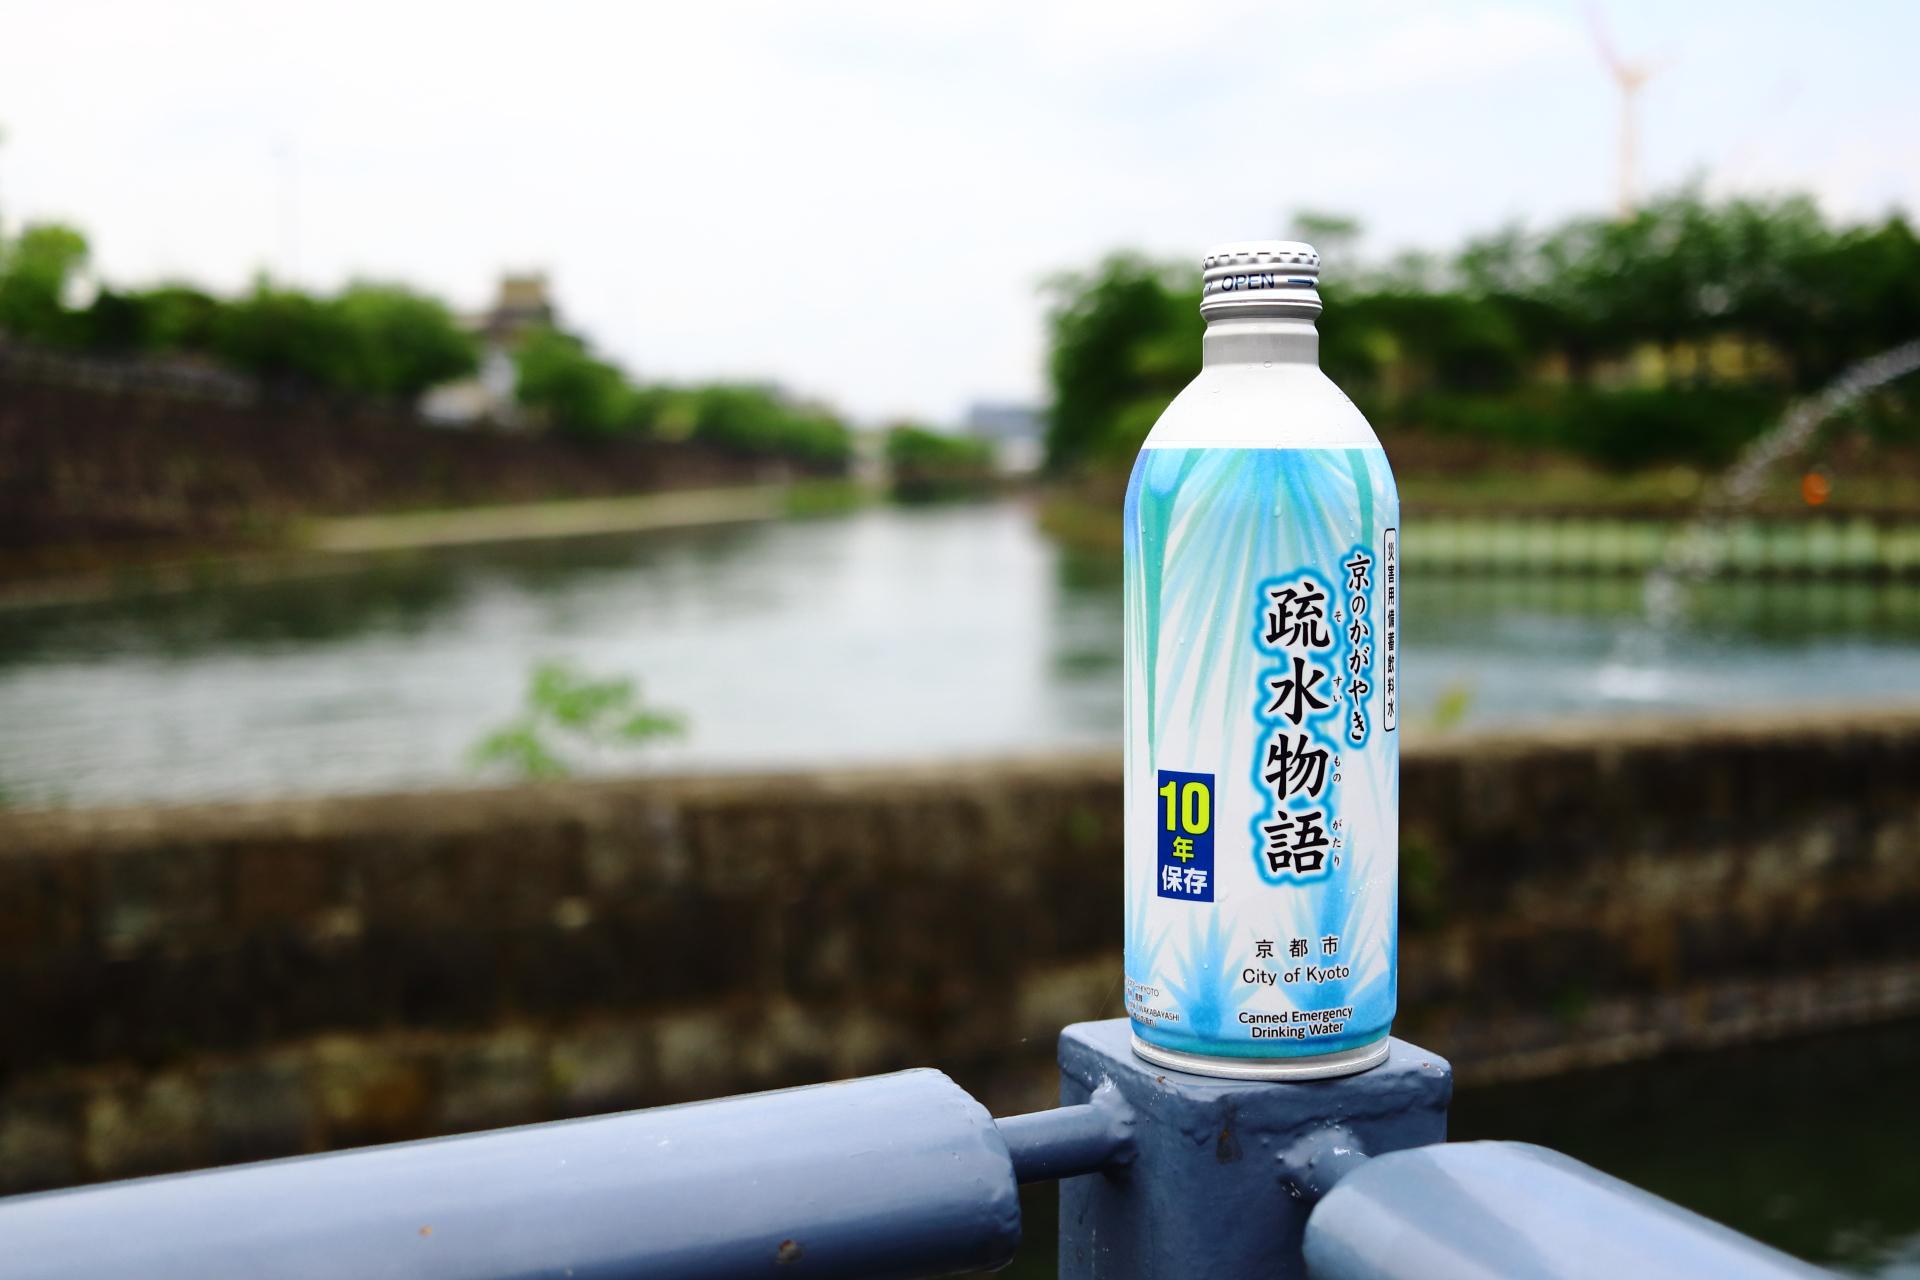 京都の偉大な産業遺産である「琵琶湖疏水」で購入「疎水物語」を疎水背景に